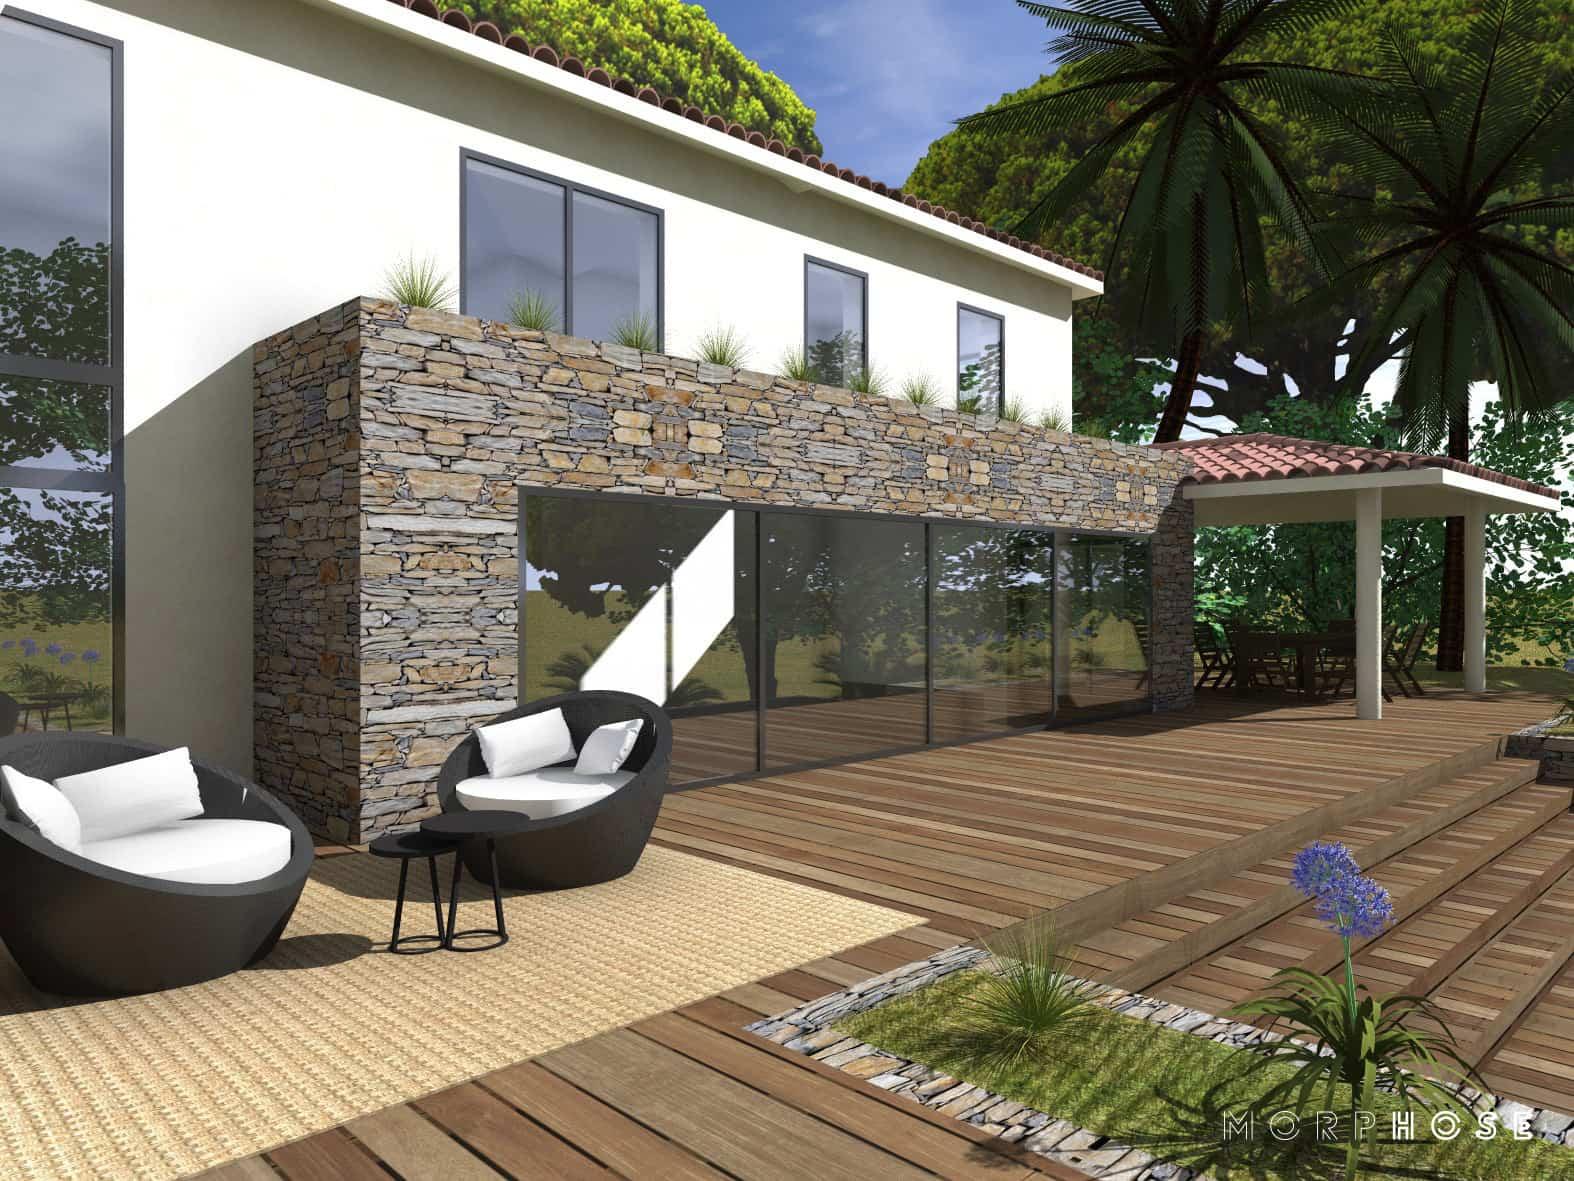 conception villa sainte-maxime var3